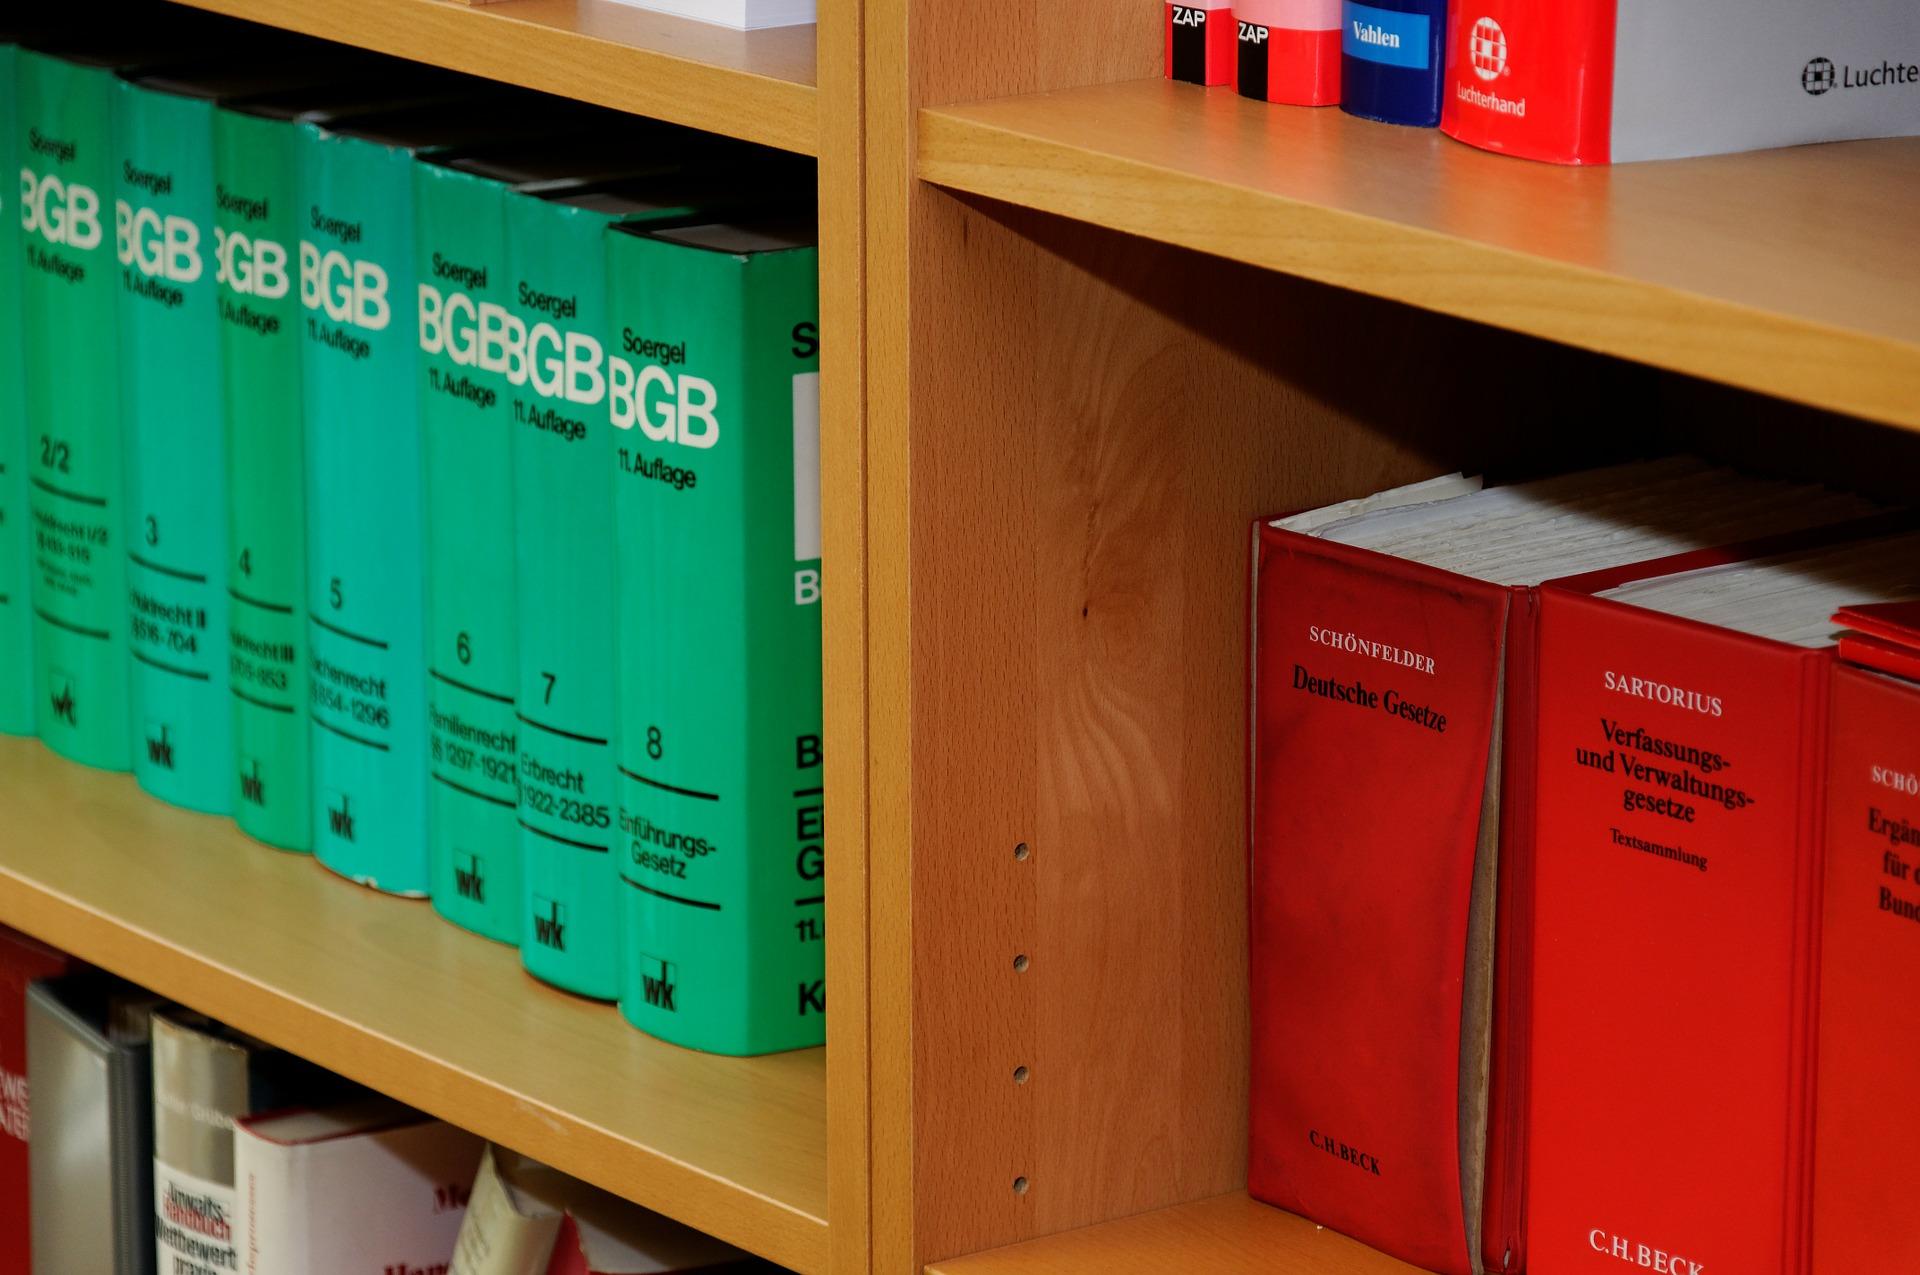 Bücherregal mit Gesetzes Bücher in einer Kanzlei